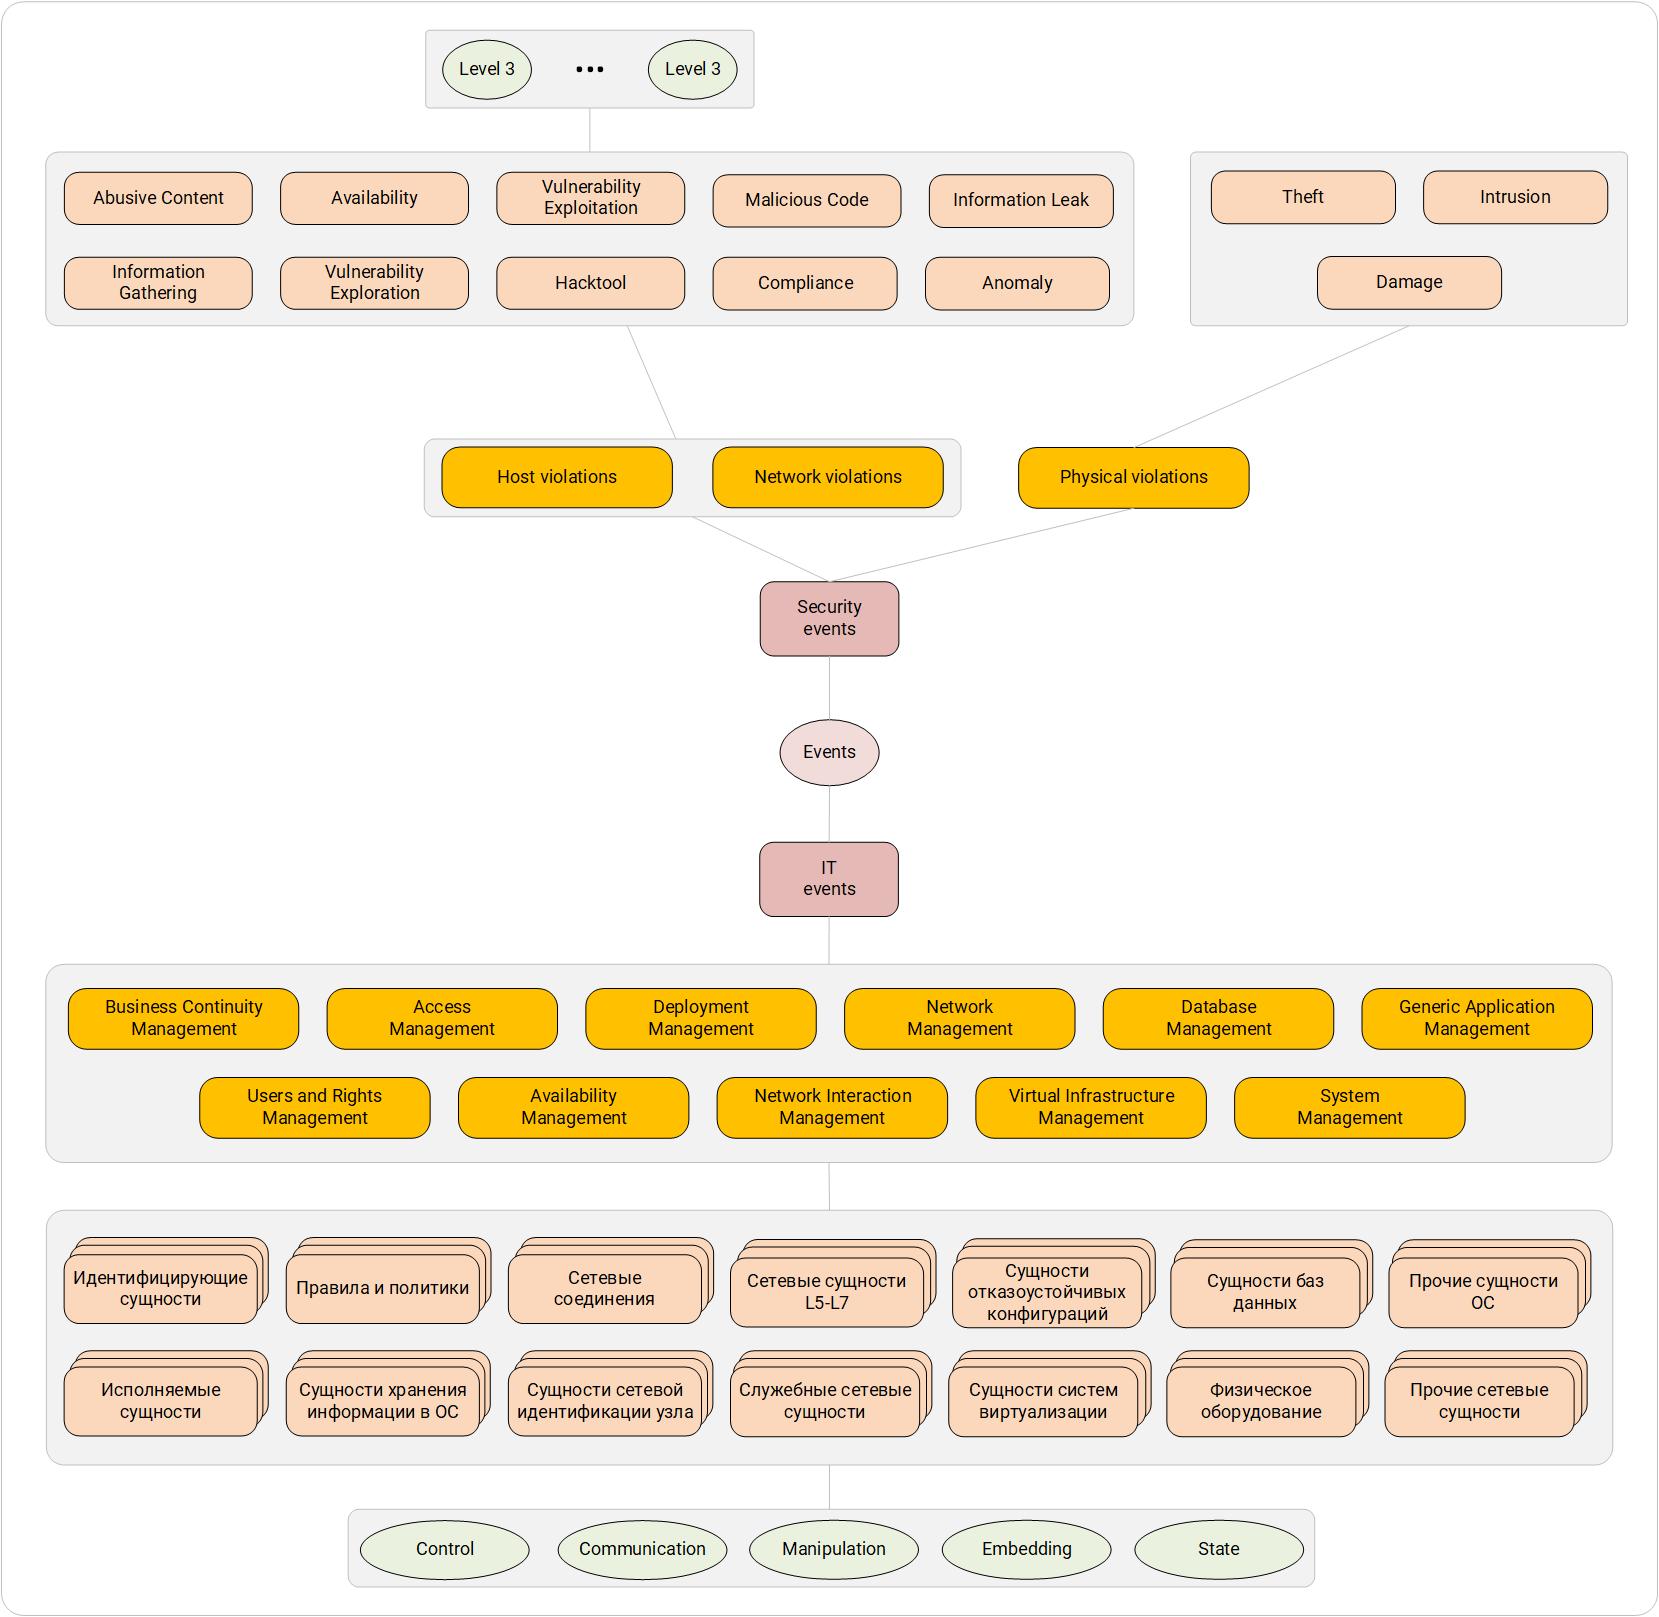 Общая схема системы категоризации